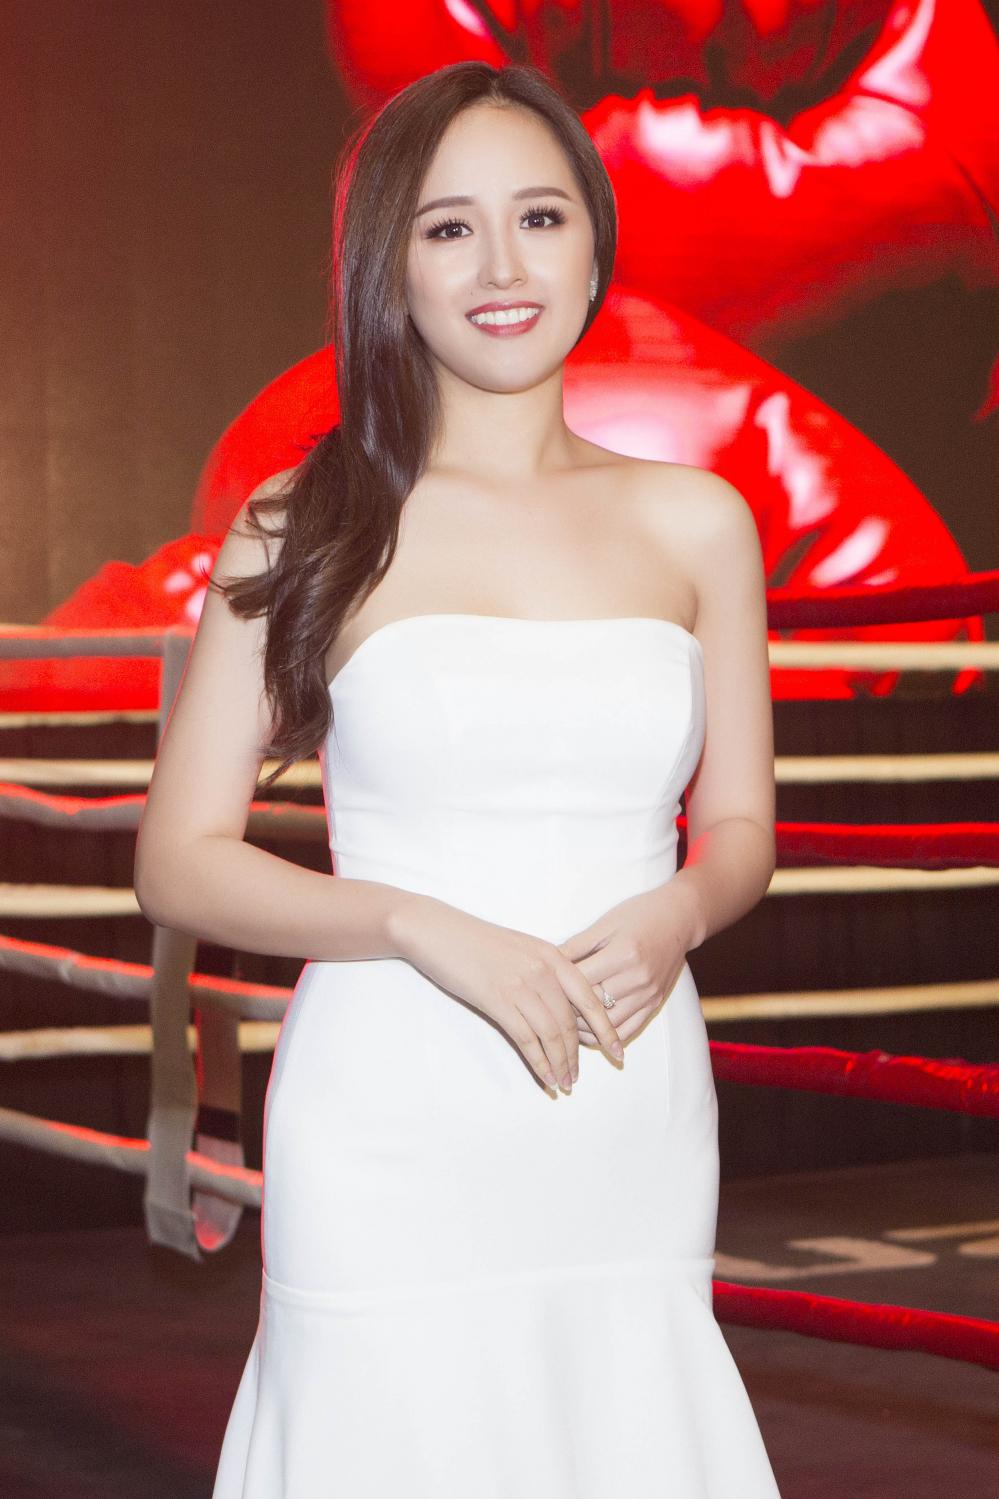 mai-phuong-thuy-4